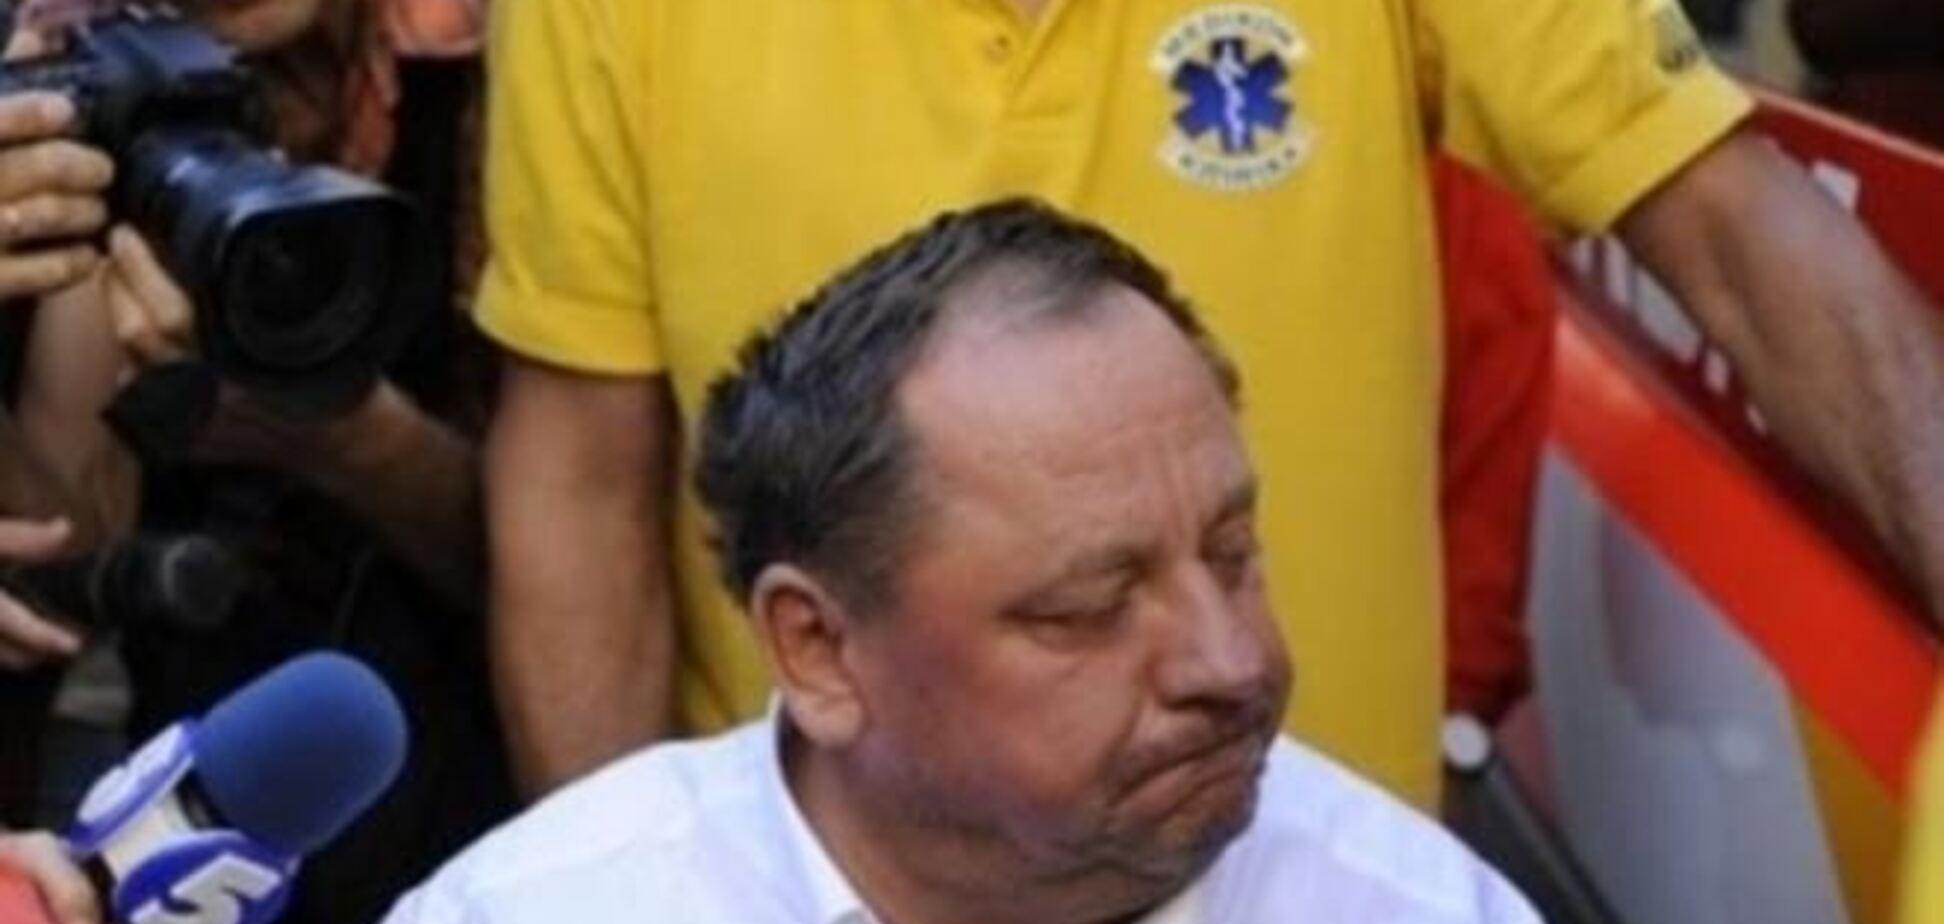 Дело против меня заказал Янукович - экс-ректор Мельник